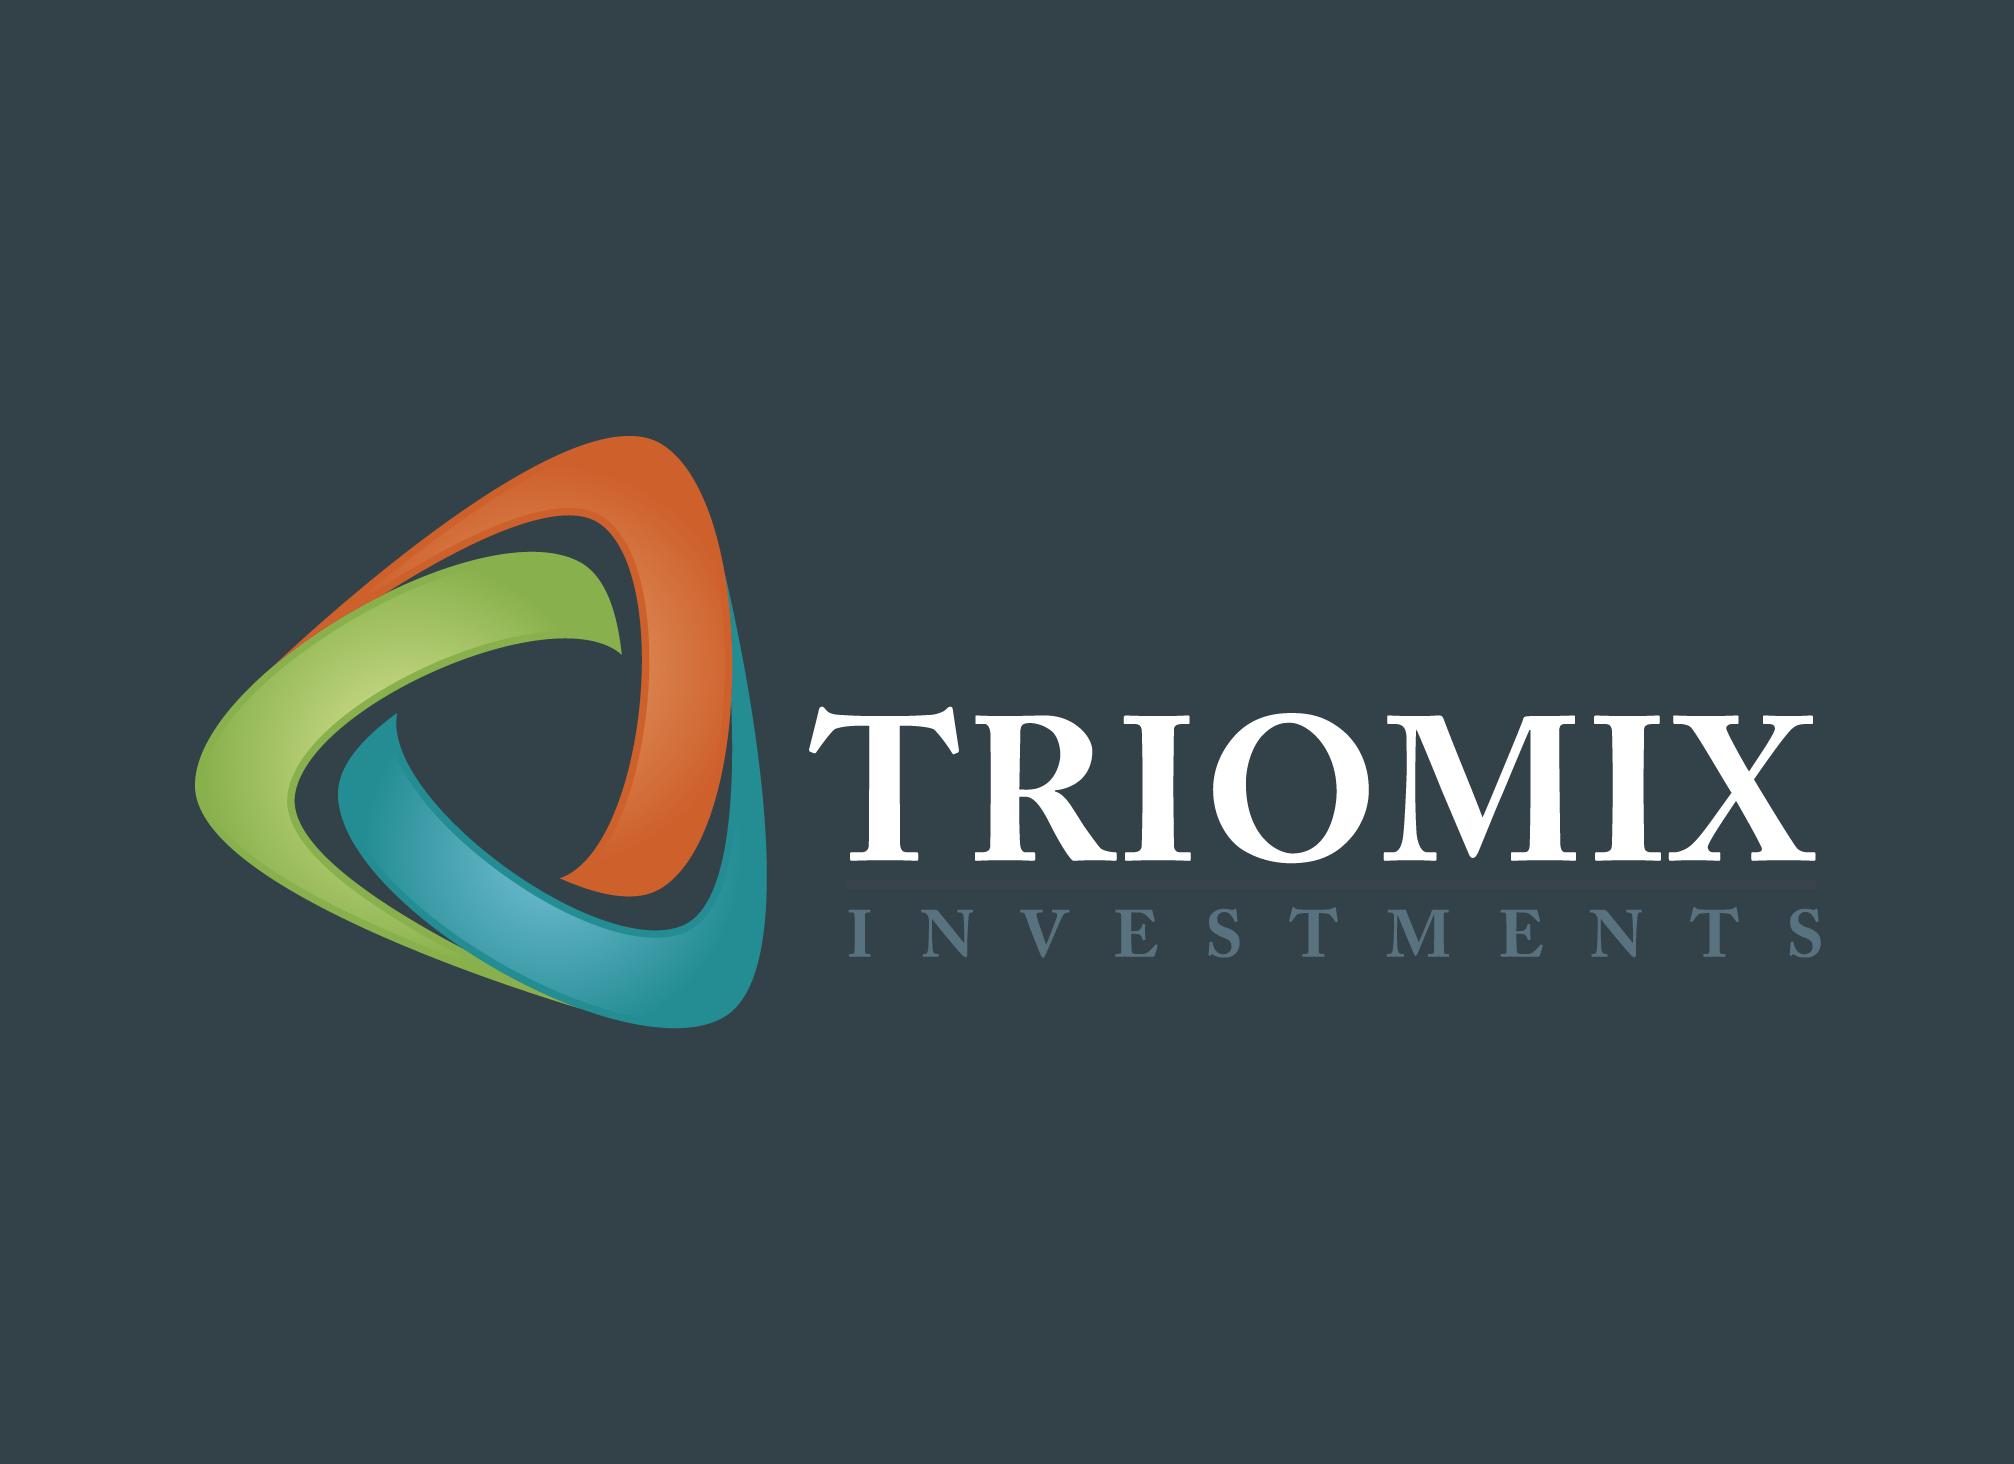 triomix-investment